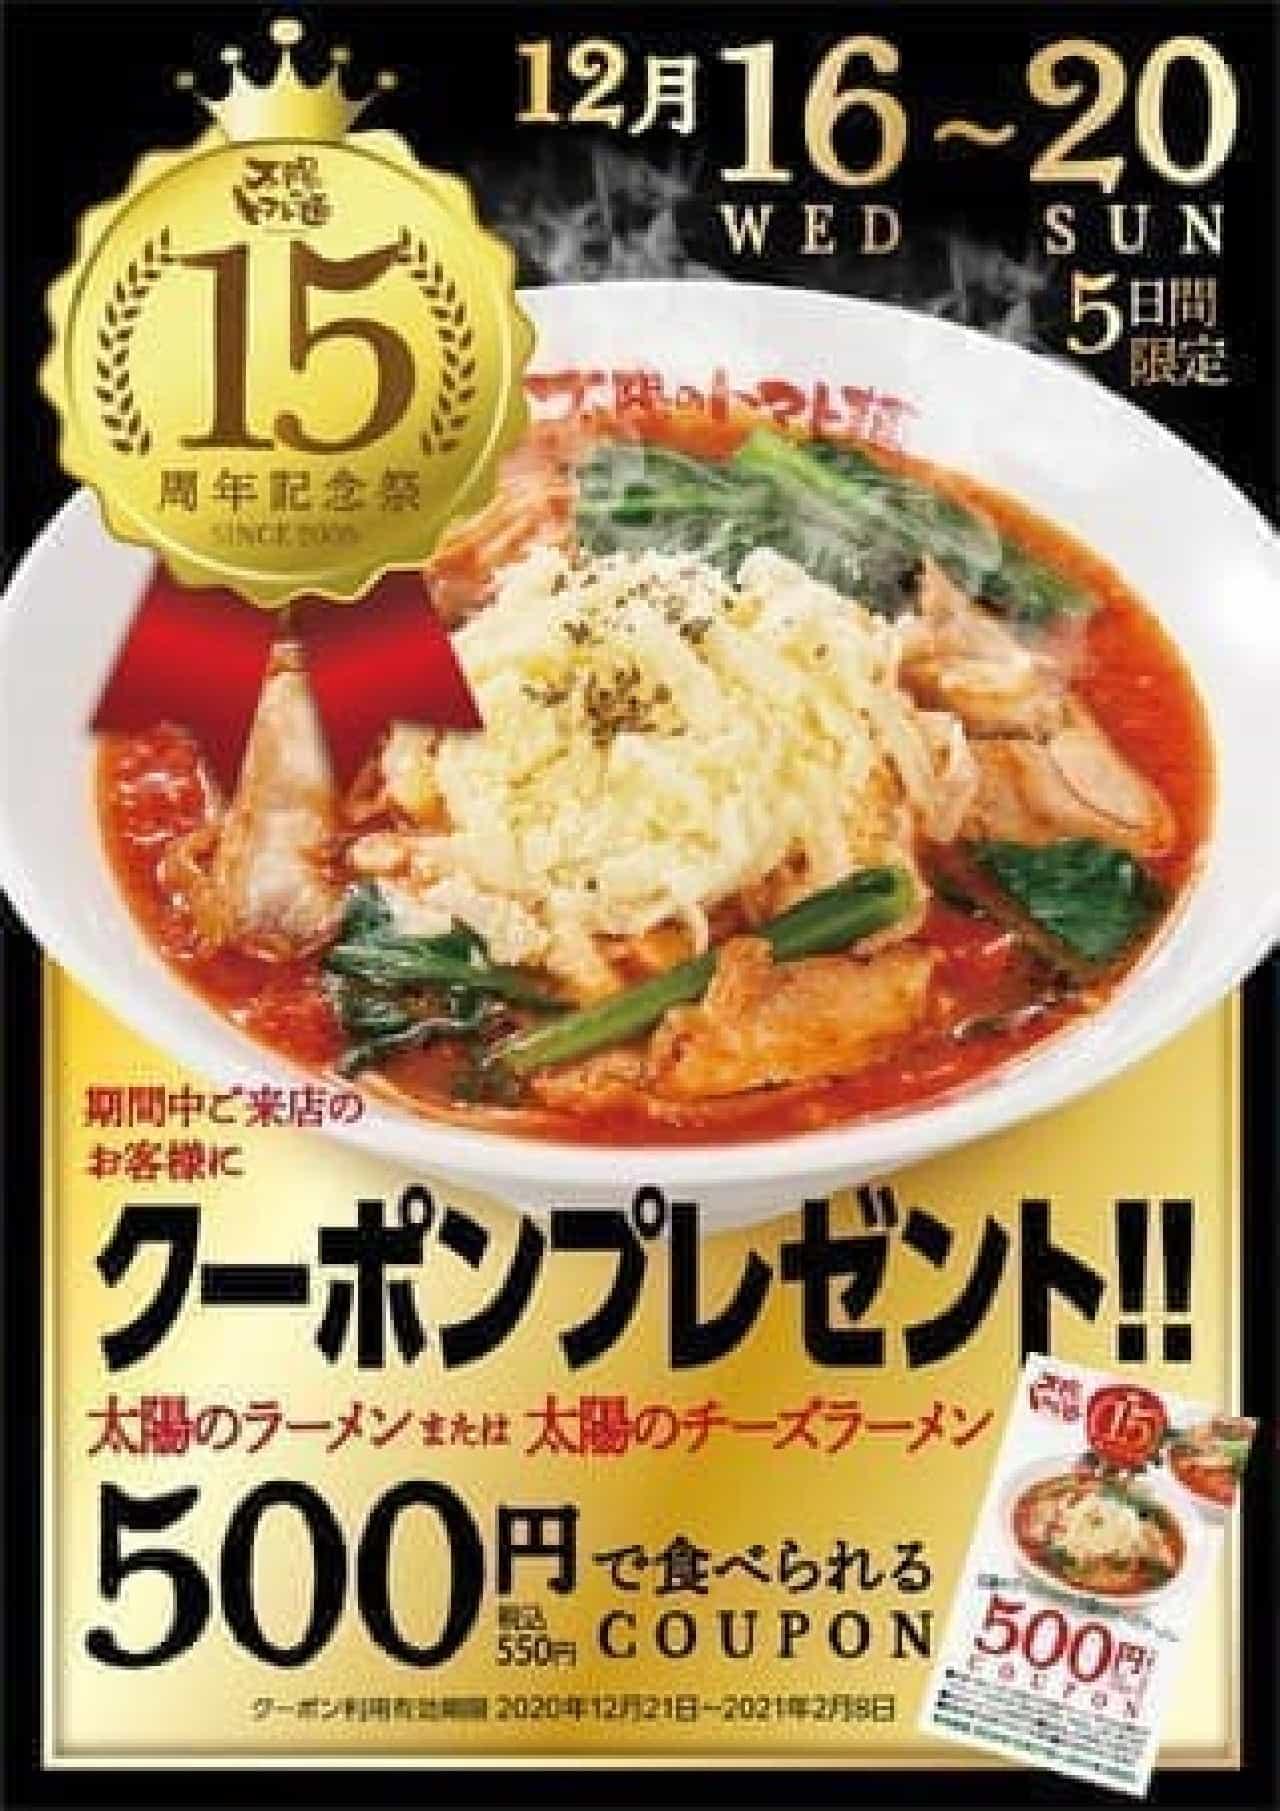 太陽のトマト麺「創業15周年記念祭」